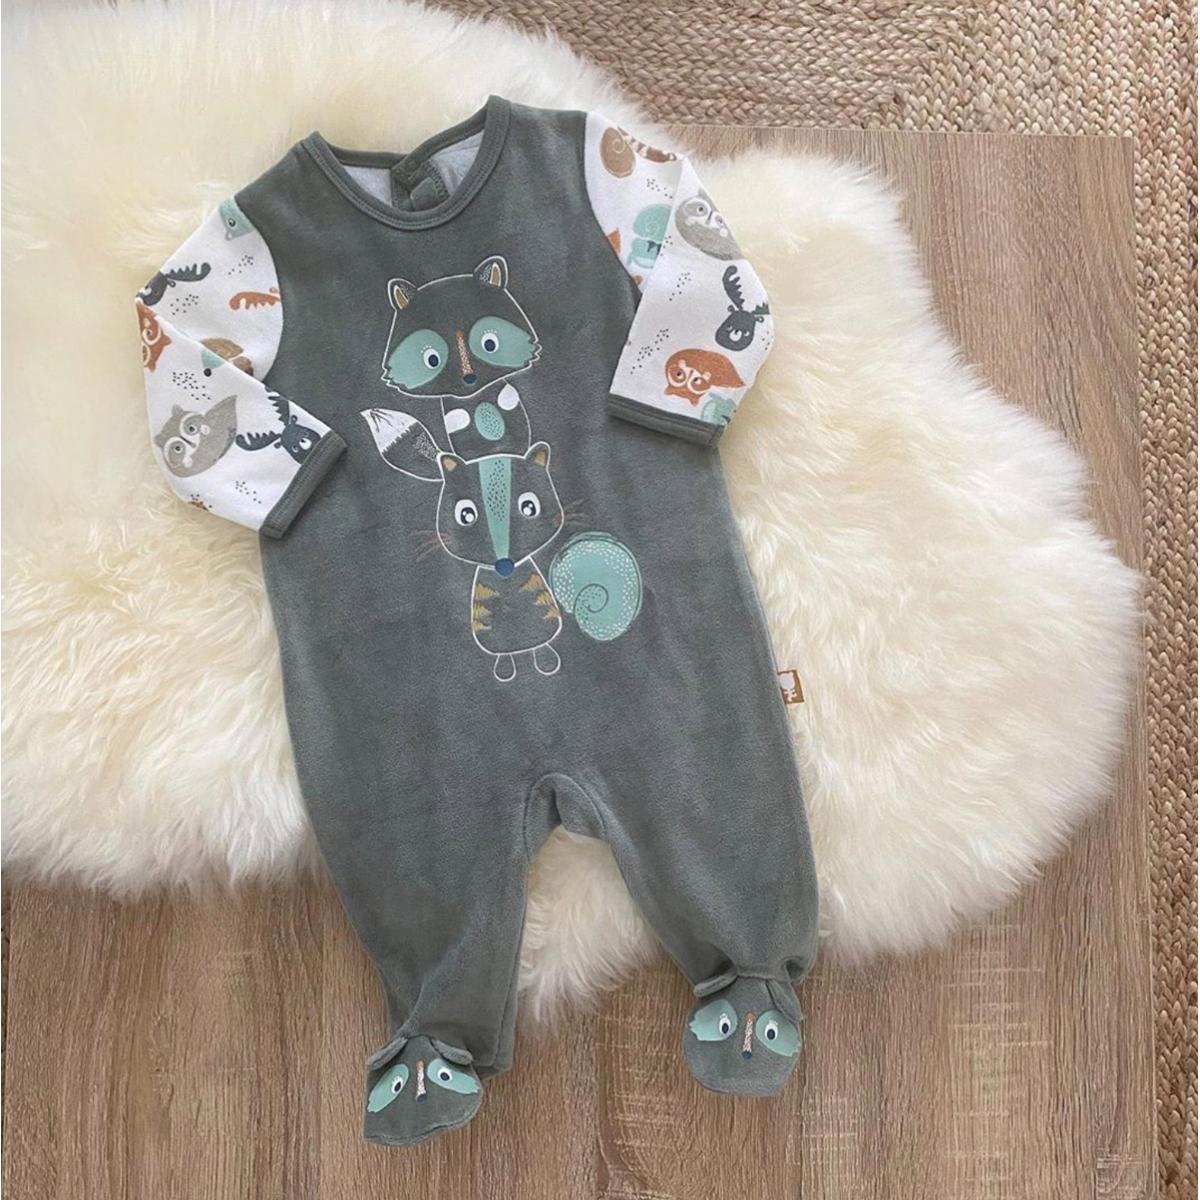 Pyjama bébé en velours contenant du coton bio Noisette photo insta